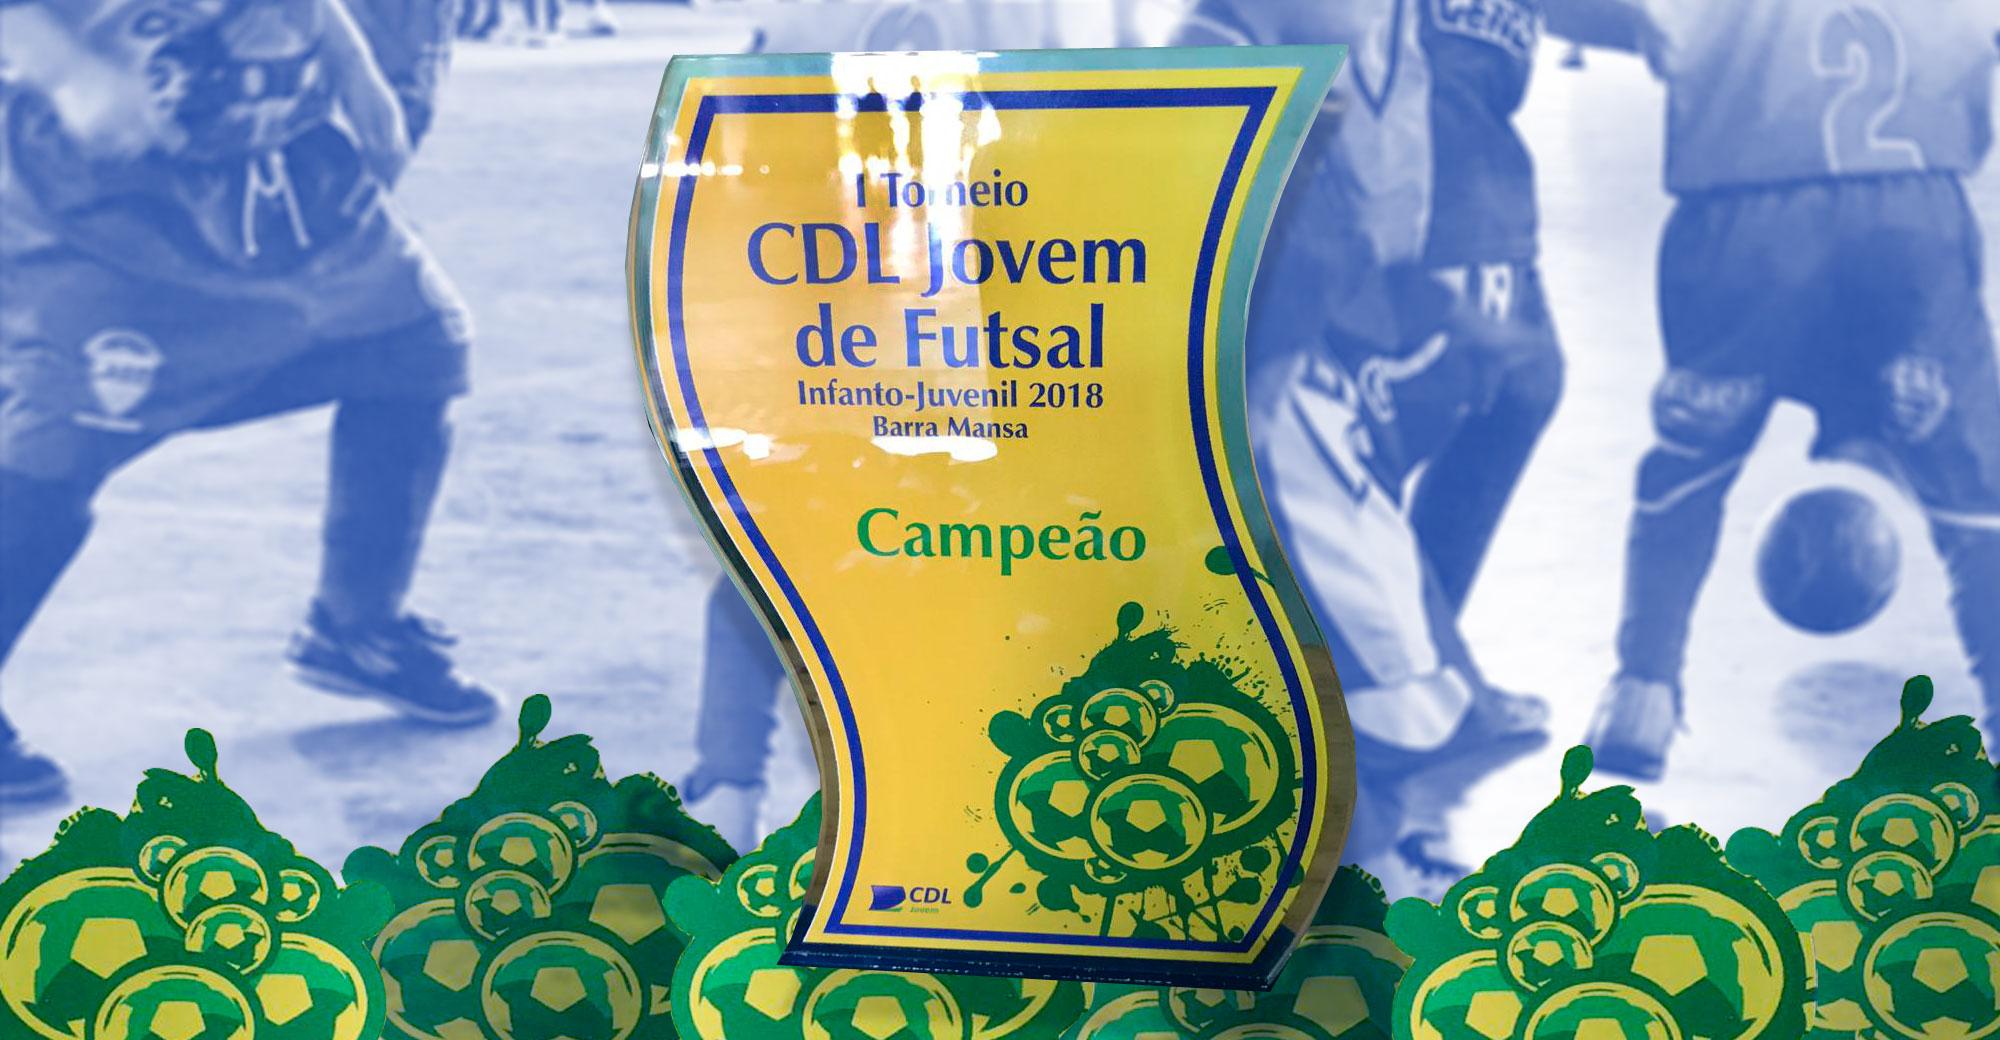 Foto - Torneio de Futsal Infanto-Juvenil da CDL Jovem teve gostinho de quero mais!